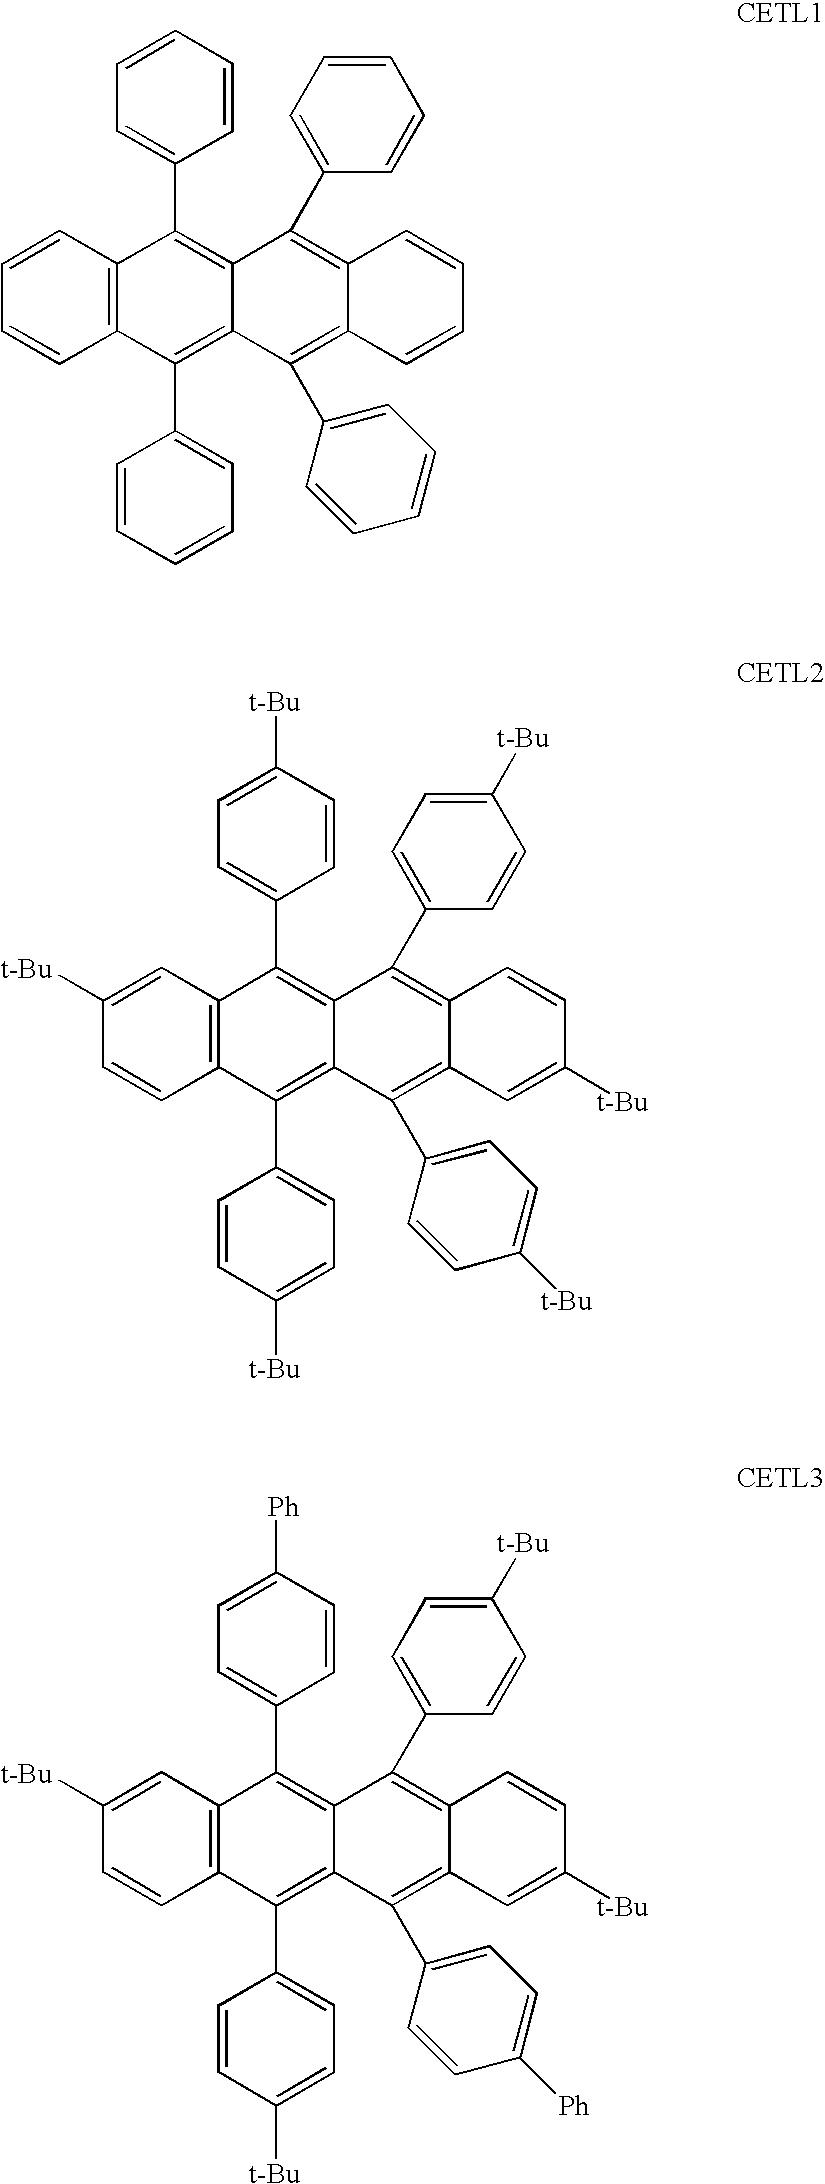 Figure US20090162612A1-20090625-C00012